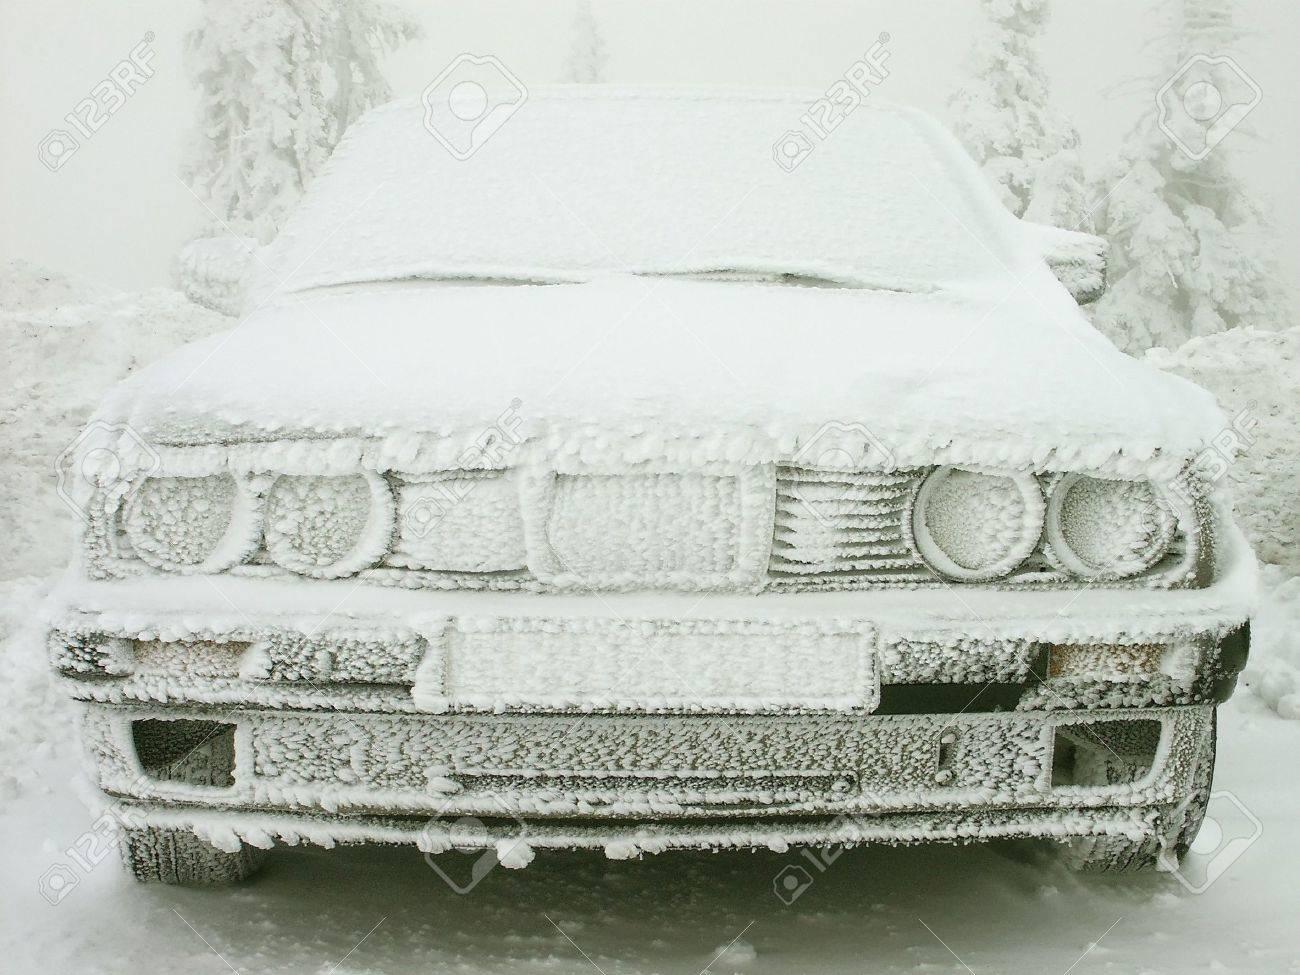 Slikovni rezultat za frozen car